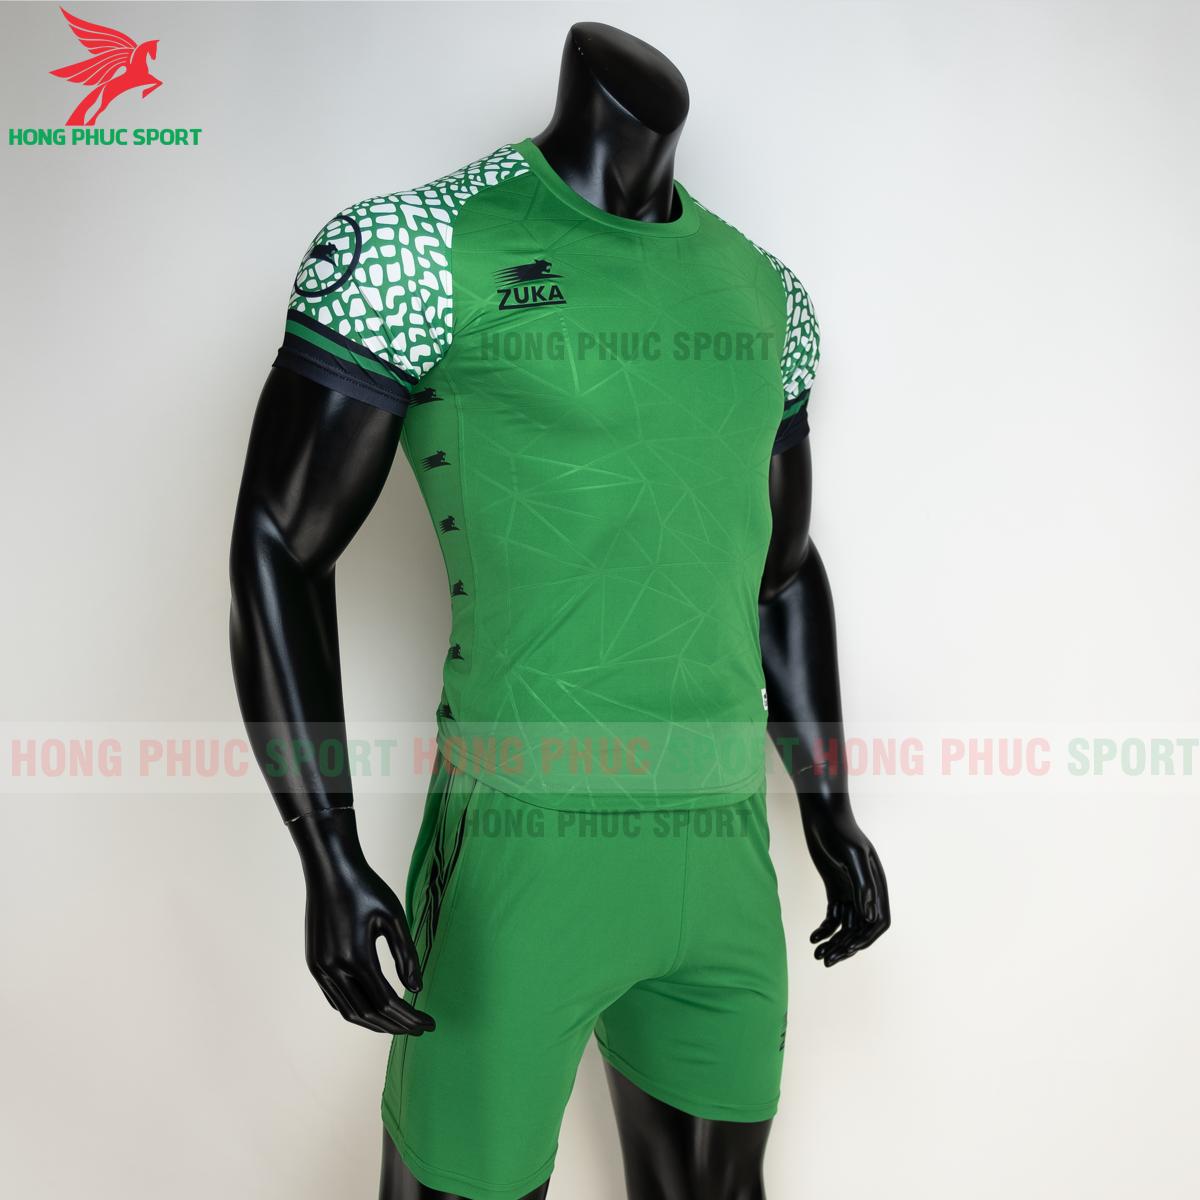 Áo đá banh không logo ZUKA 022021 màu Xanh lá (phải)